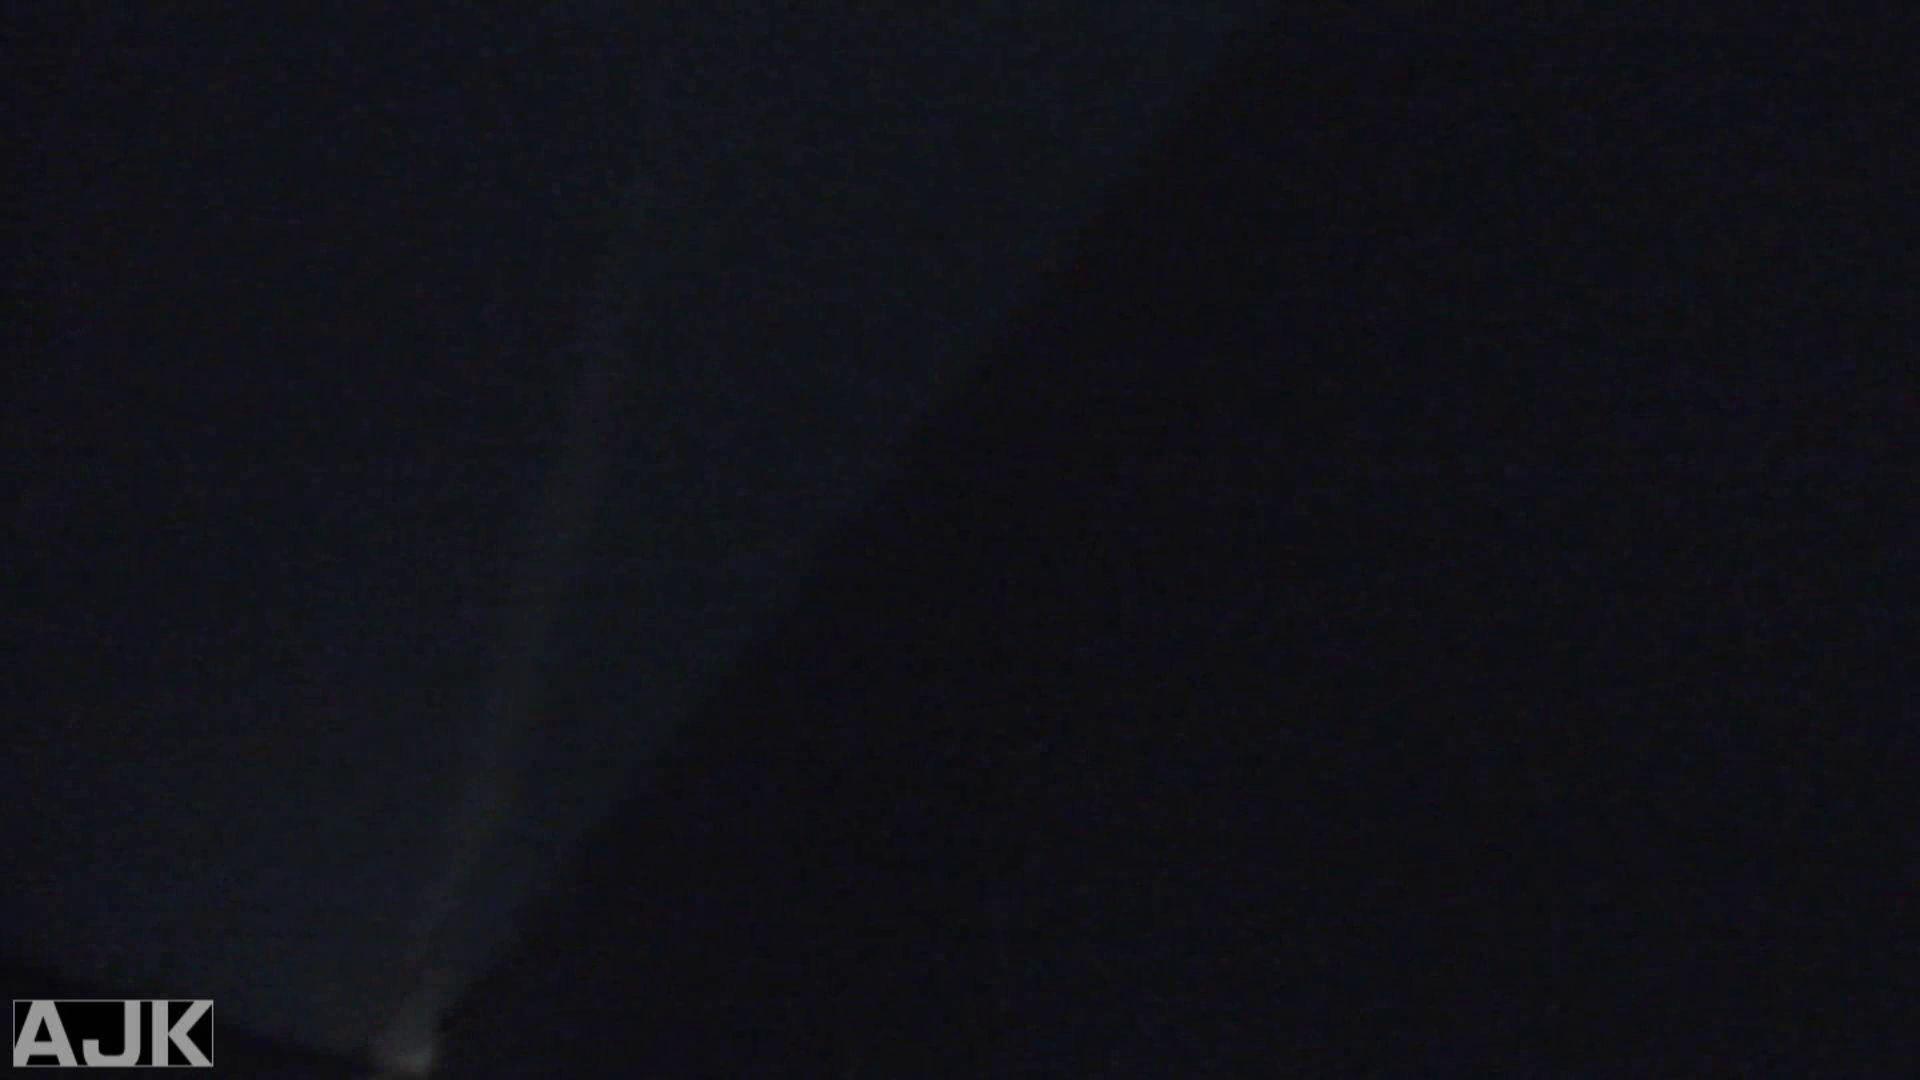 神降臨!史上最強の潜入かわや! vol.21 潜入突撃   モロだしオマンコ  103pic 1